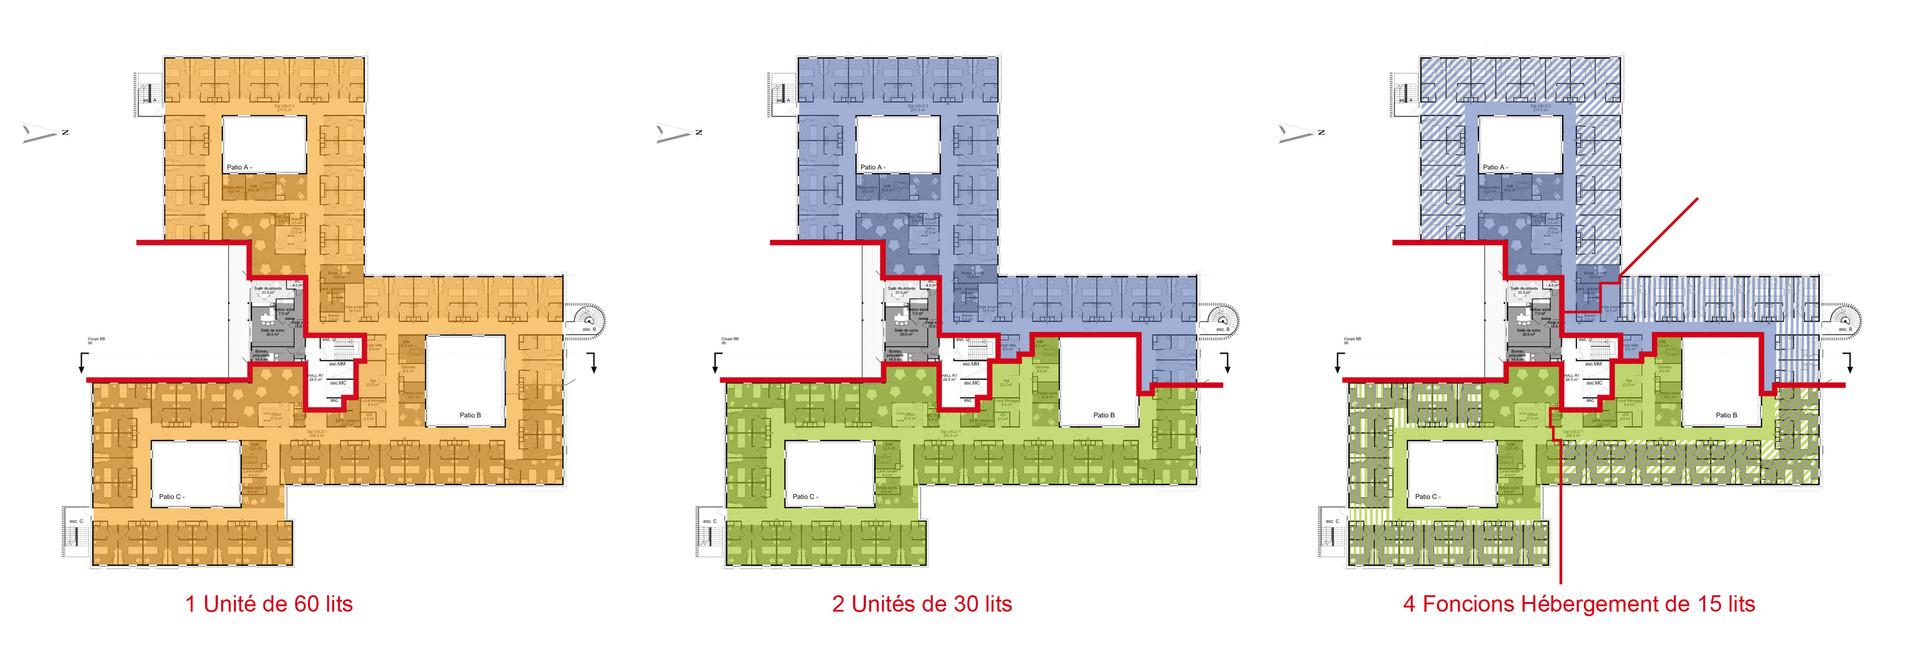 Agencement des étages